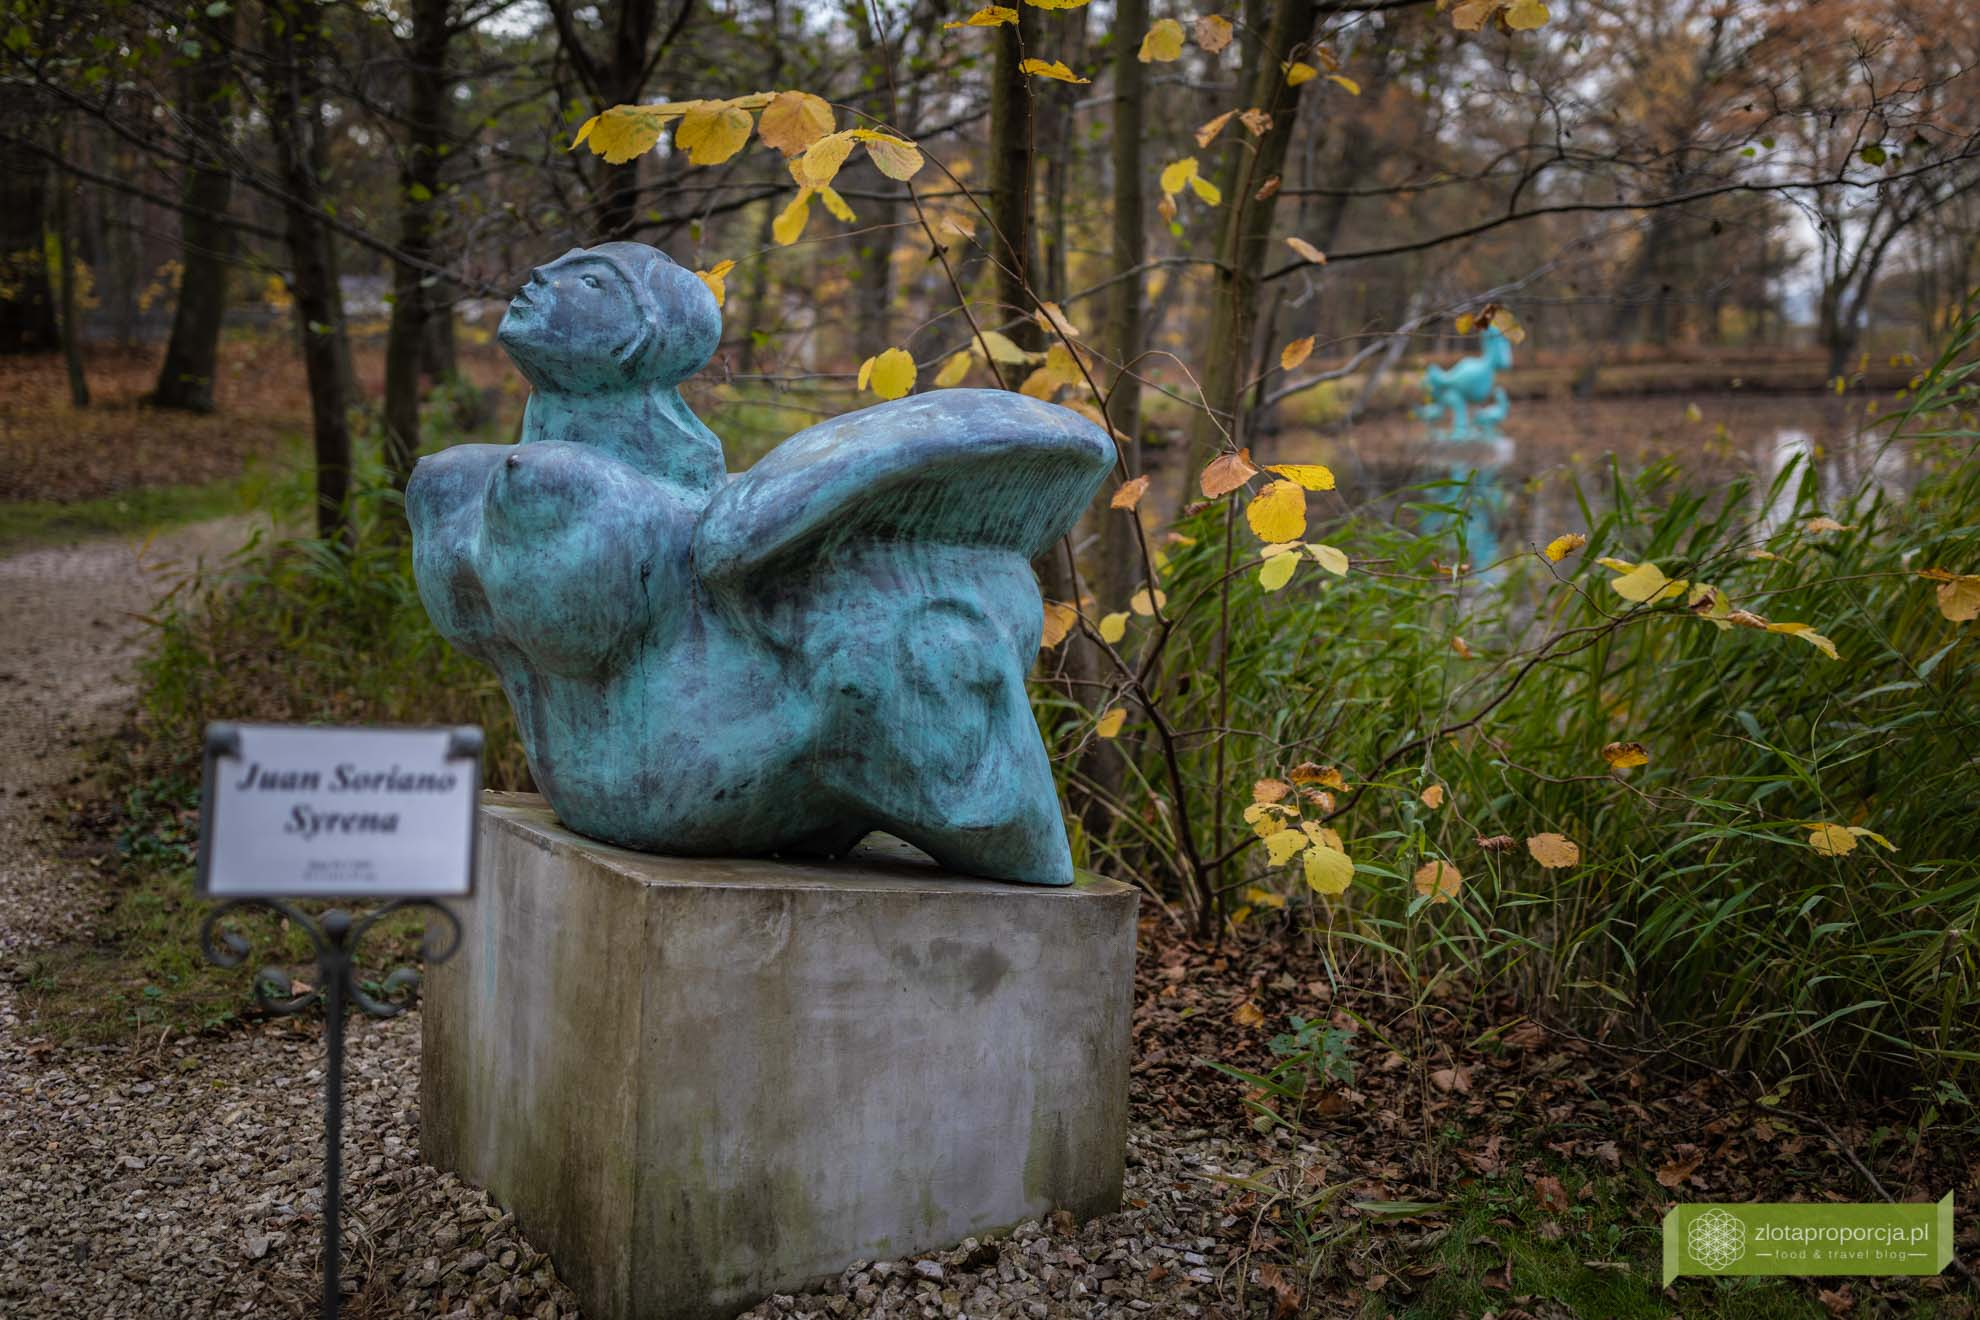 Ogród Rzeźb Juana Soriano; ogród Soriano; okolice Warszawy; Juan Soriano; rzeźby Juana Soriano; Mazowsze; Owczarnia; Owczarnia Ogród Soriano; Kazimierówka Owczarnia; okolice Milanówka;